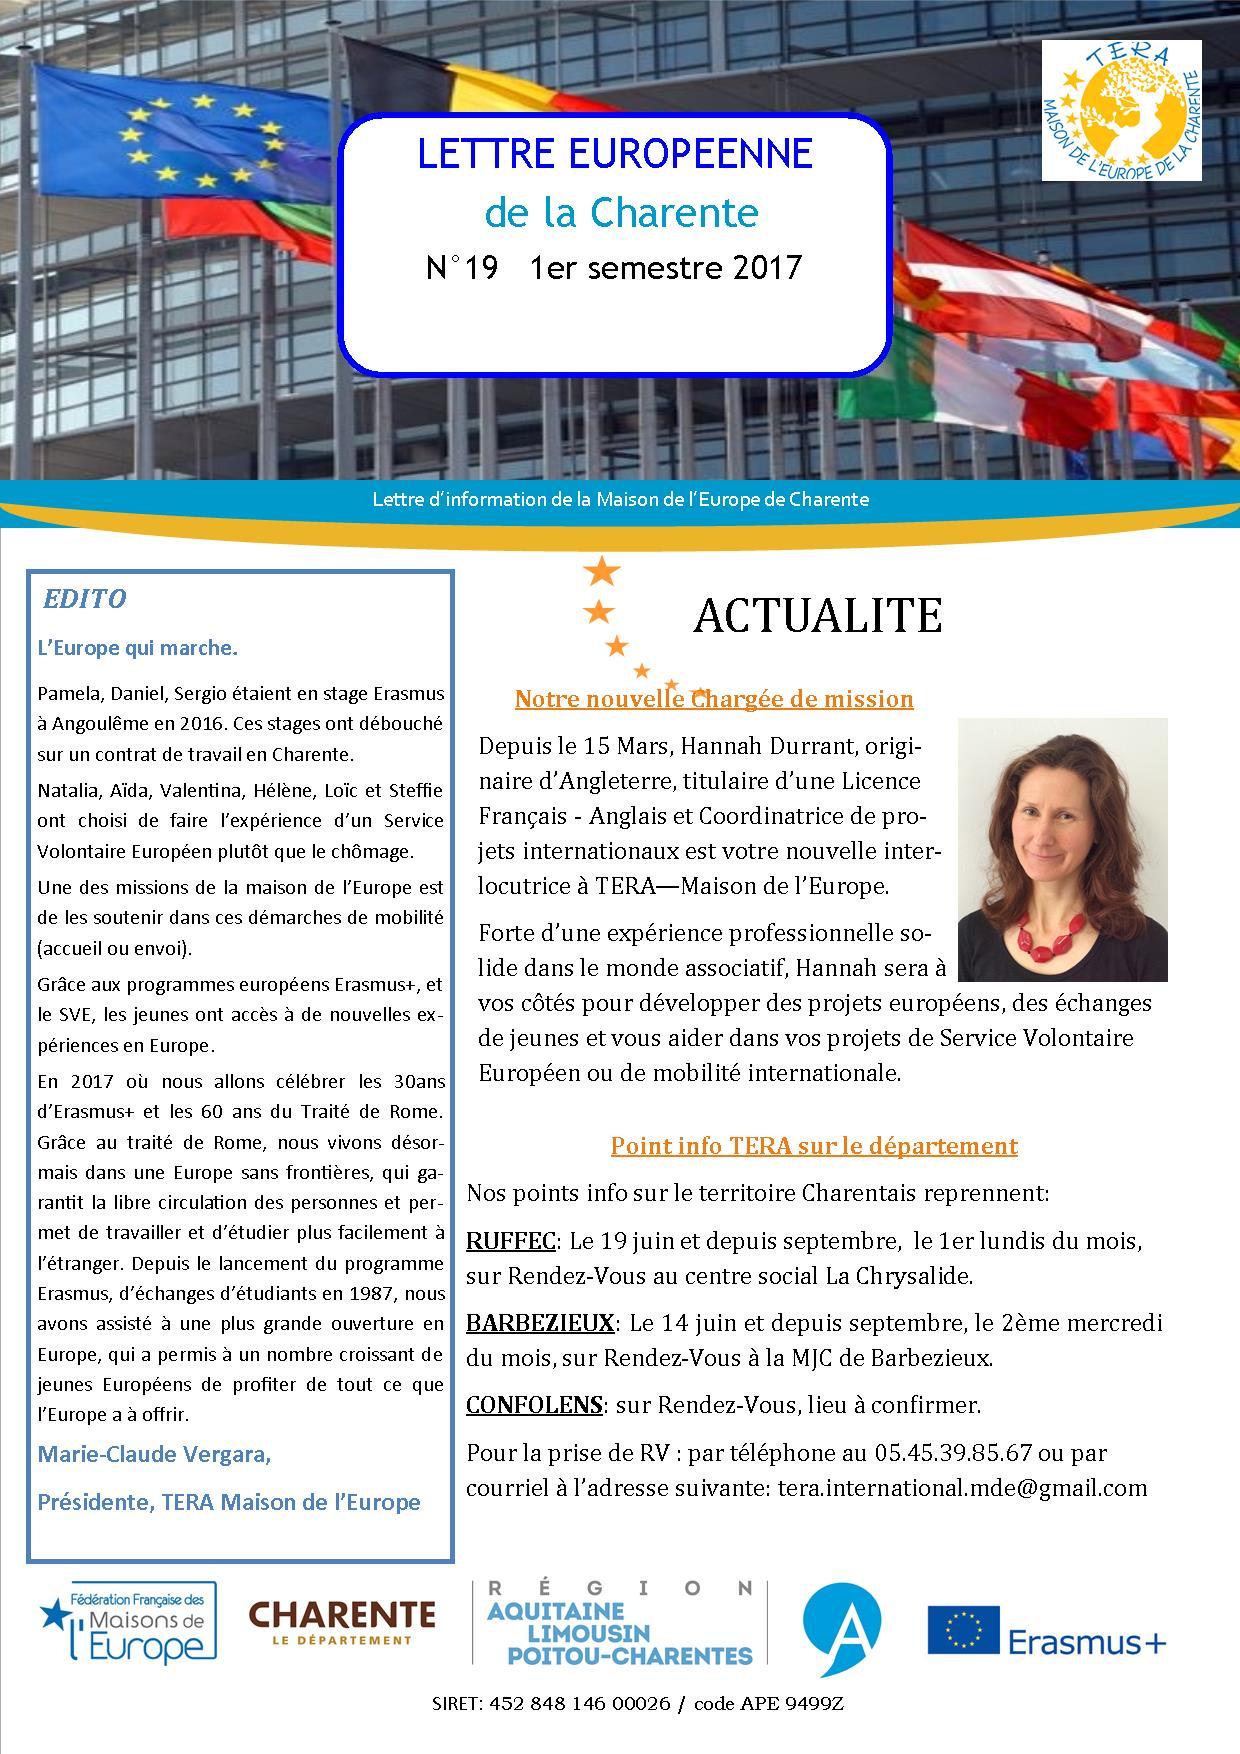 Lettre Européenne de la Charente n°19 du 1er semestre 2017